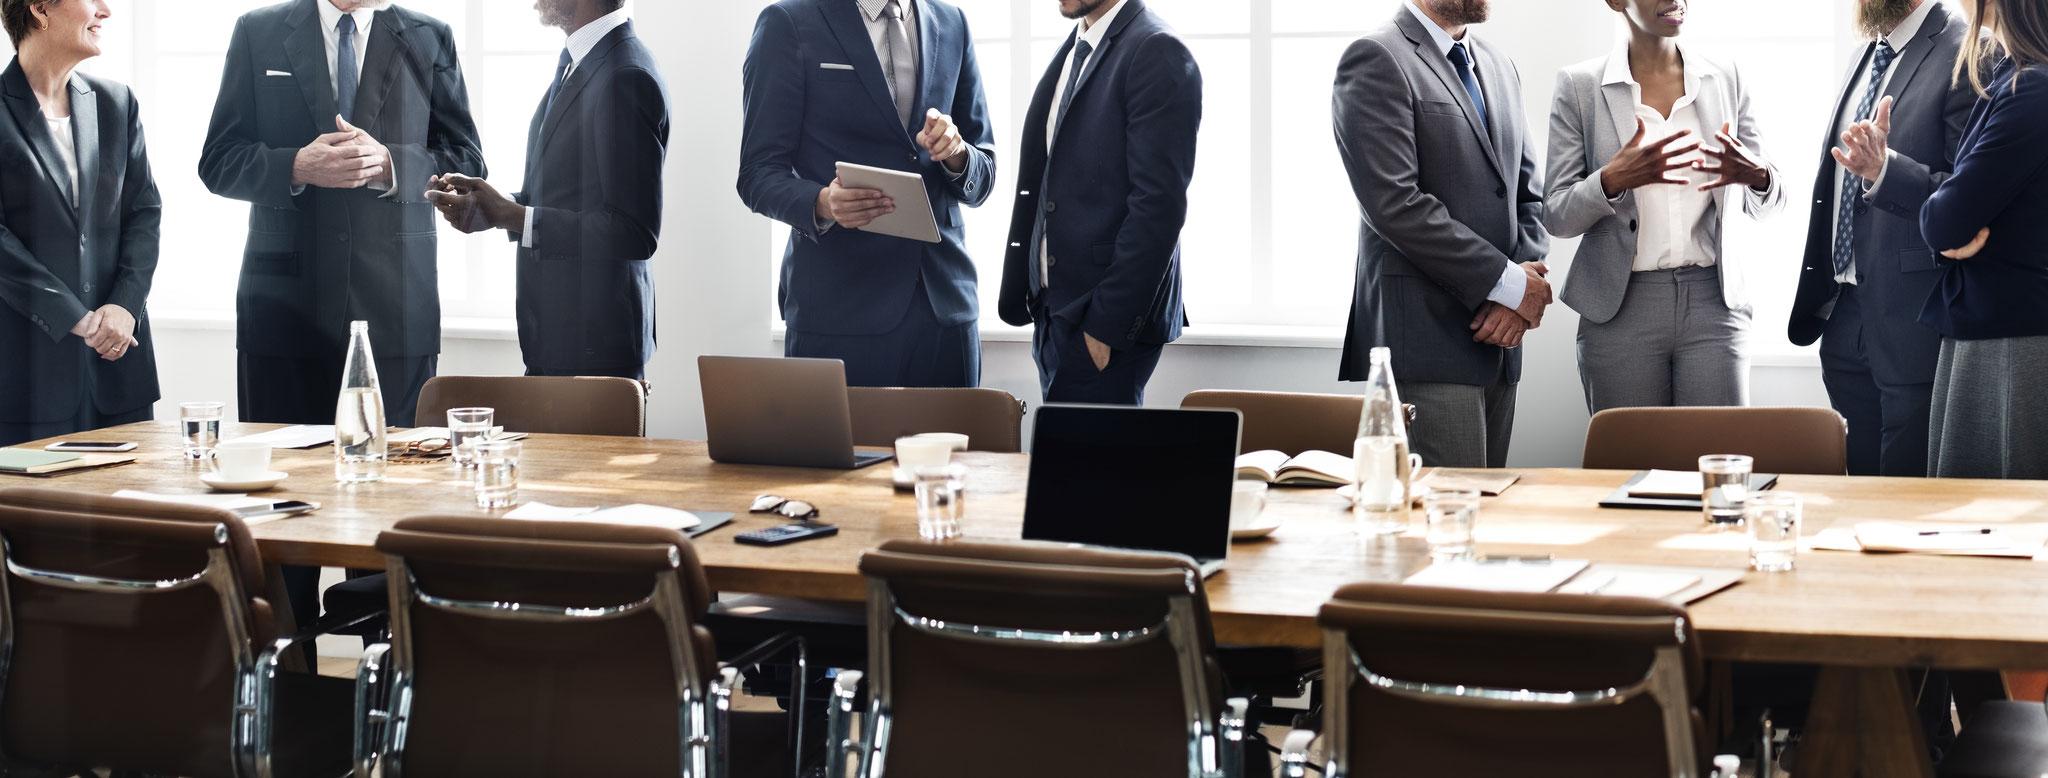 Mimik, Gestik & Körpersprache für Unternehmer